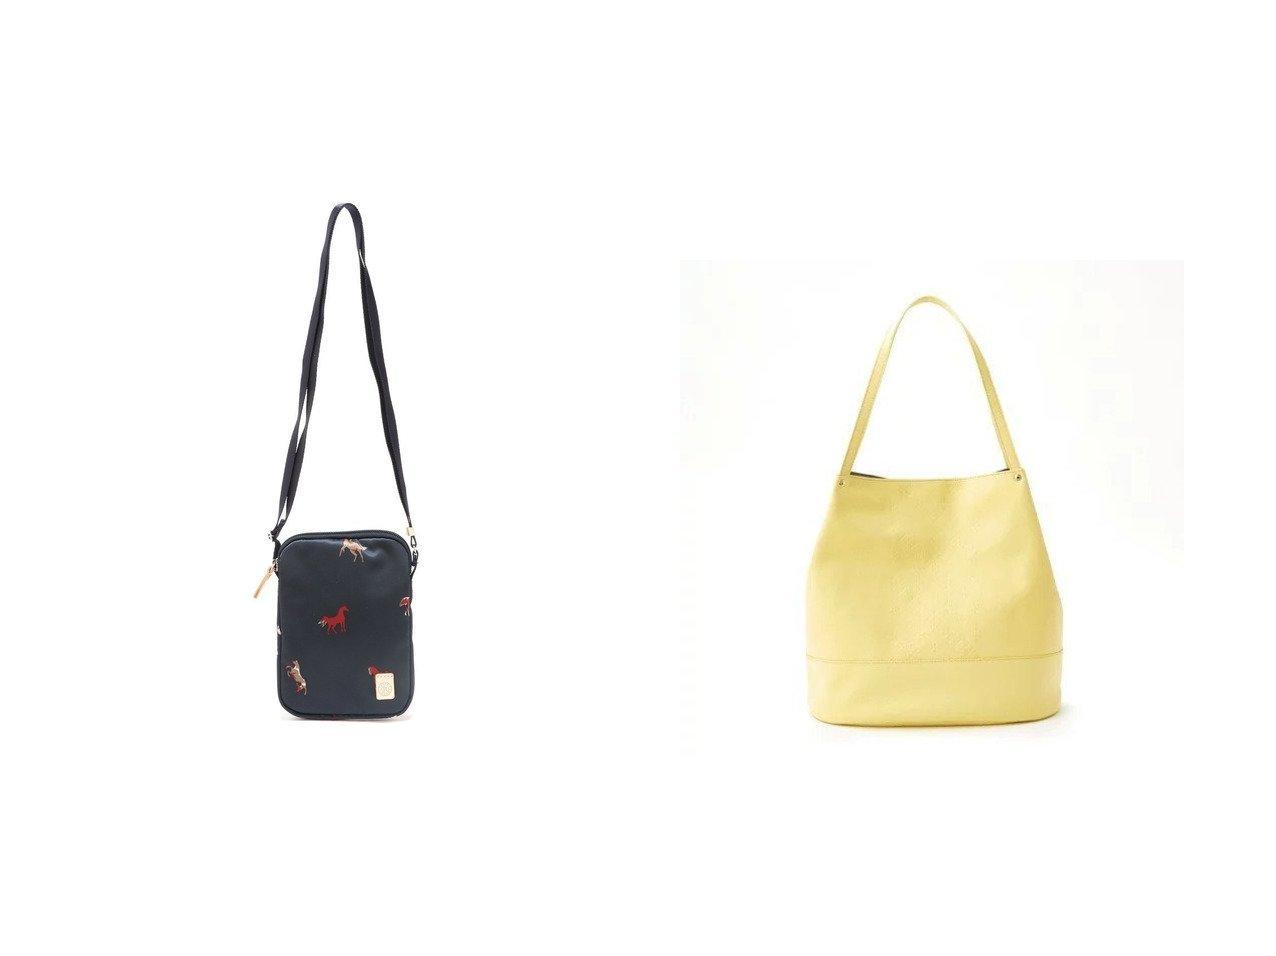 【russet/ラシット】のフォーンバッグ(Z-647)&モノグラムプレスバケットトートバッグ(CE-818) 【バッグ・鞄】おすすめ!人気、トレンド・レディースファッションの通販  | レディースファッション・服の通販 founy(ファニー)